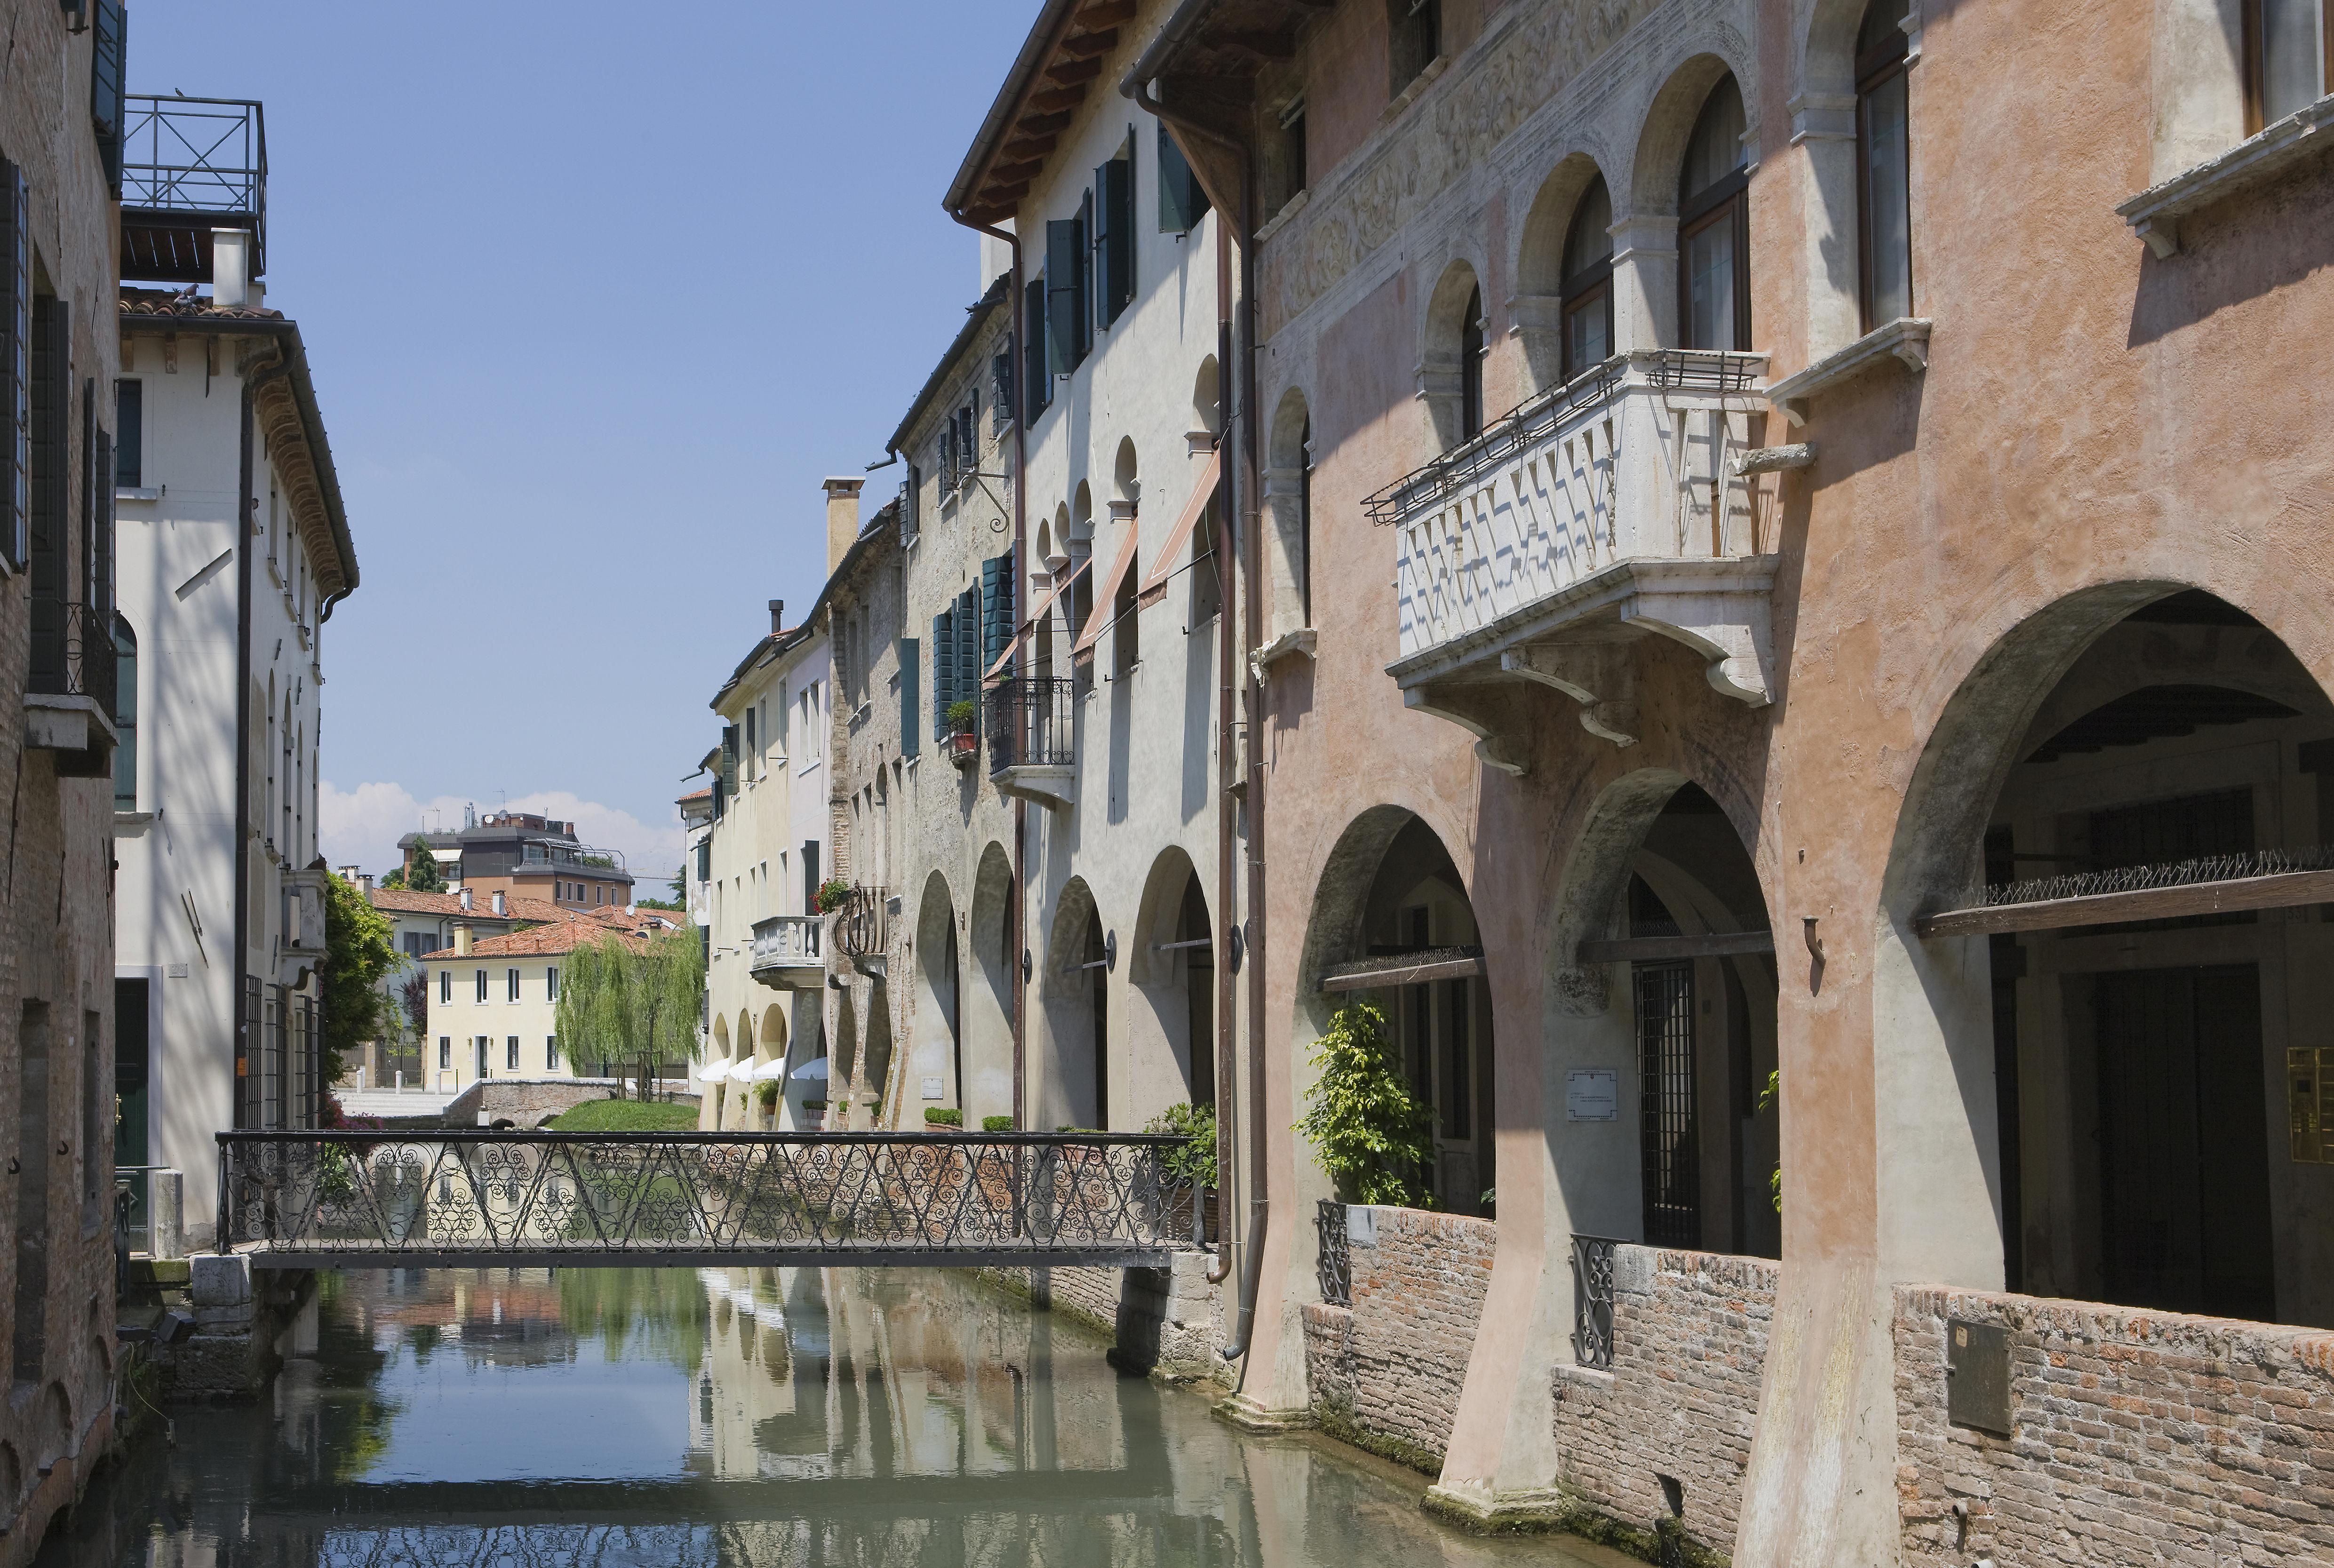 Treviso - Canale dei Buranelli